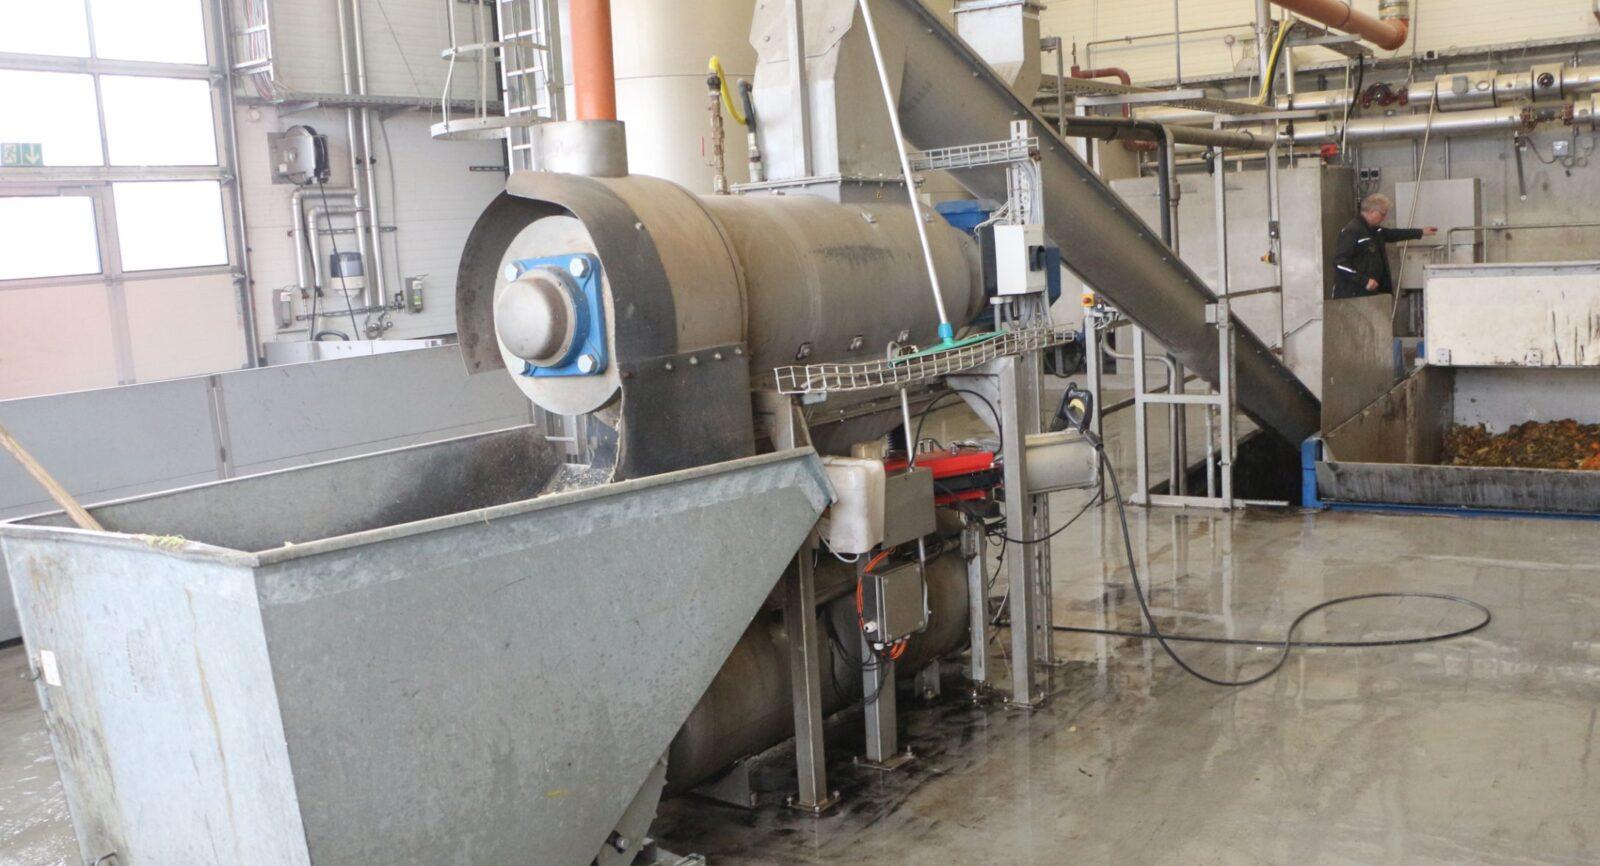 Organische Abfälle aus der Lebensmittelbranche werden mittels einer Hammermühle zerkleinert und von Verpackungsmaterial abgetrennt, zudem thermisch (bei +70°C) vorbehandelt, bevor diese in den Fermenter gelangen. Der vorgelagerte Prozess schont die empfindlichen Mikroorganismen in ihrem Wirken.